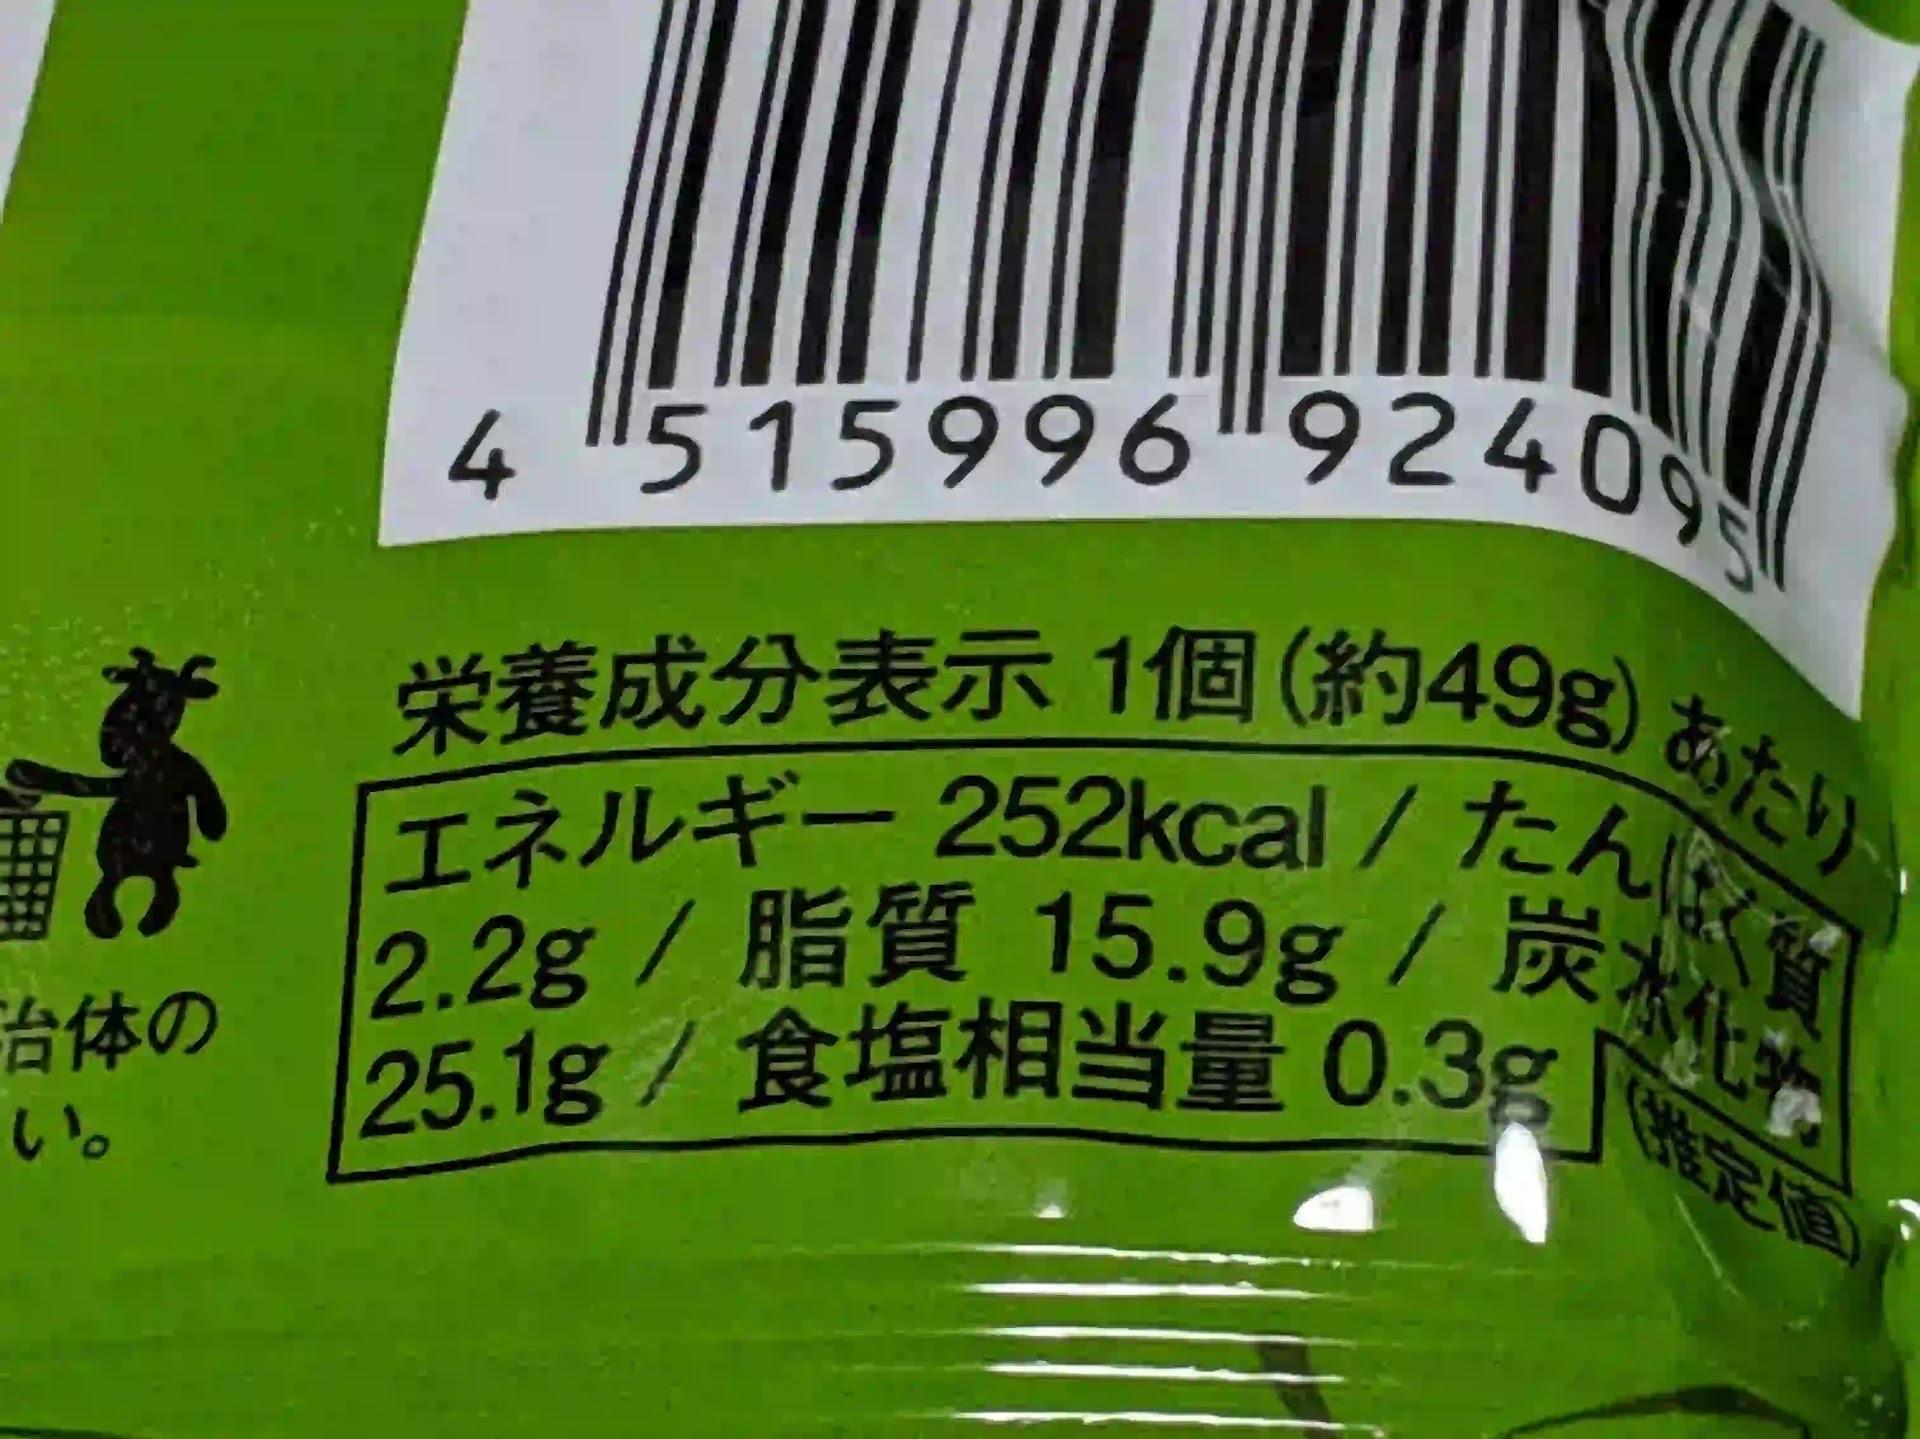 カルディ 抹茶ドーナッツ 栄養成分表示